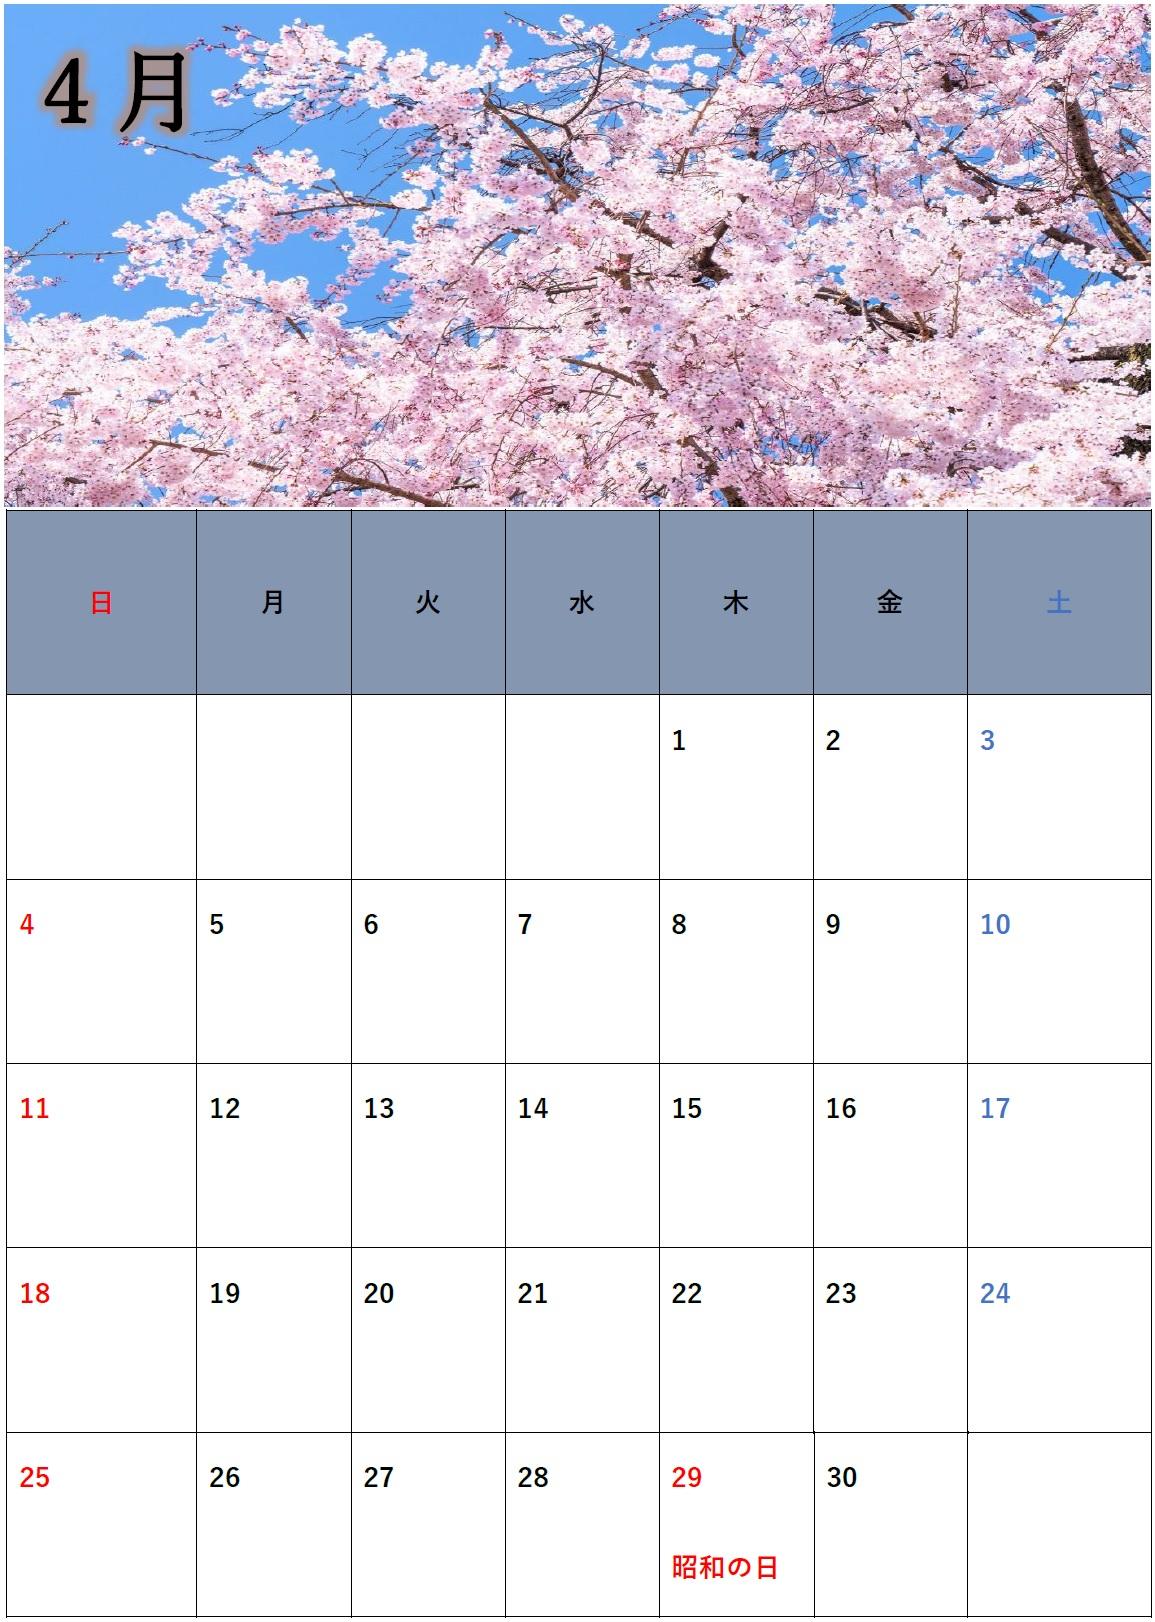 イベントで来年度のカレンダーを作りました!